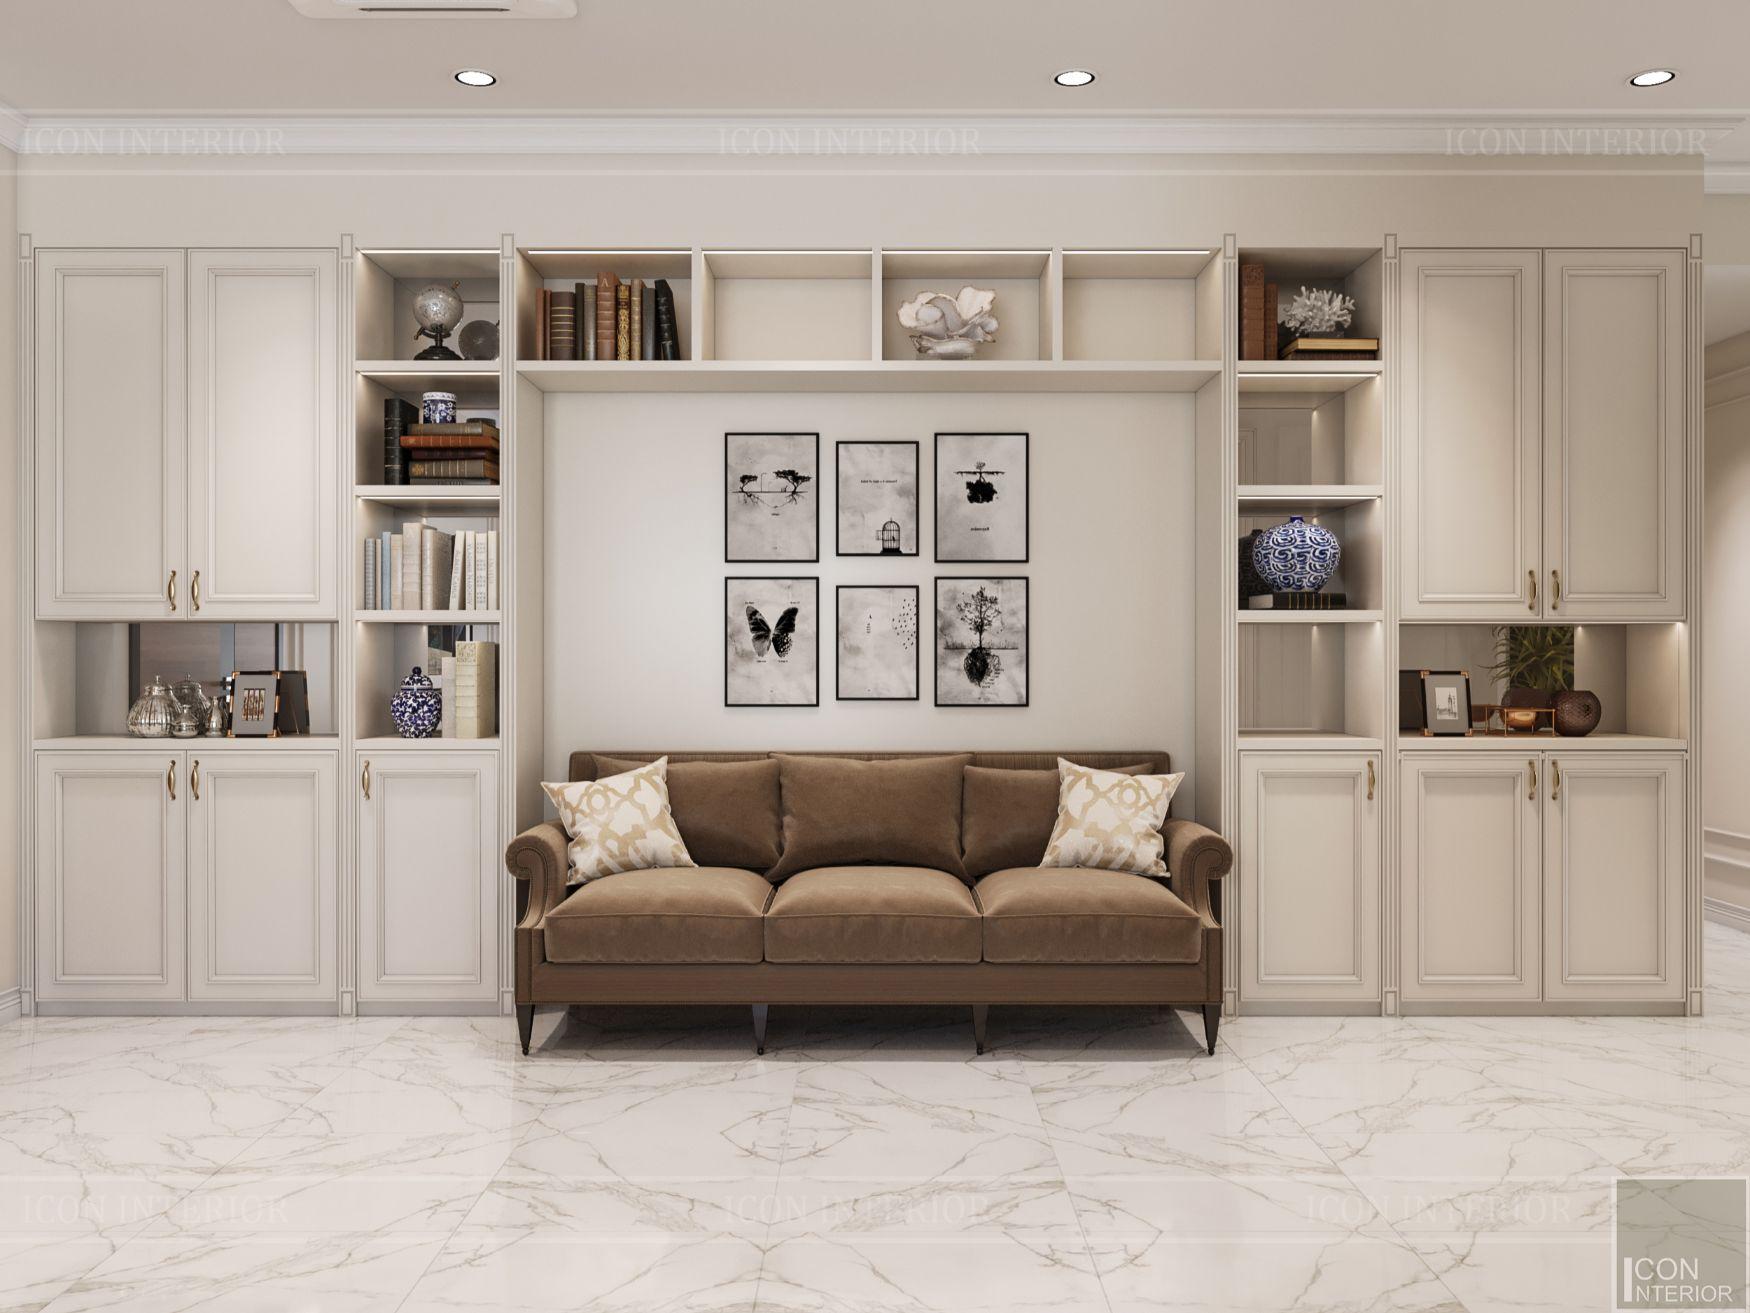 thiết kế nội thất căn hộ midtown - phòng khách bếp 1